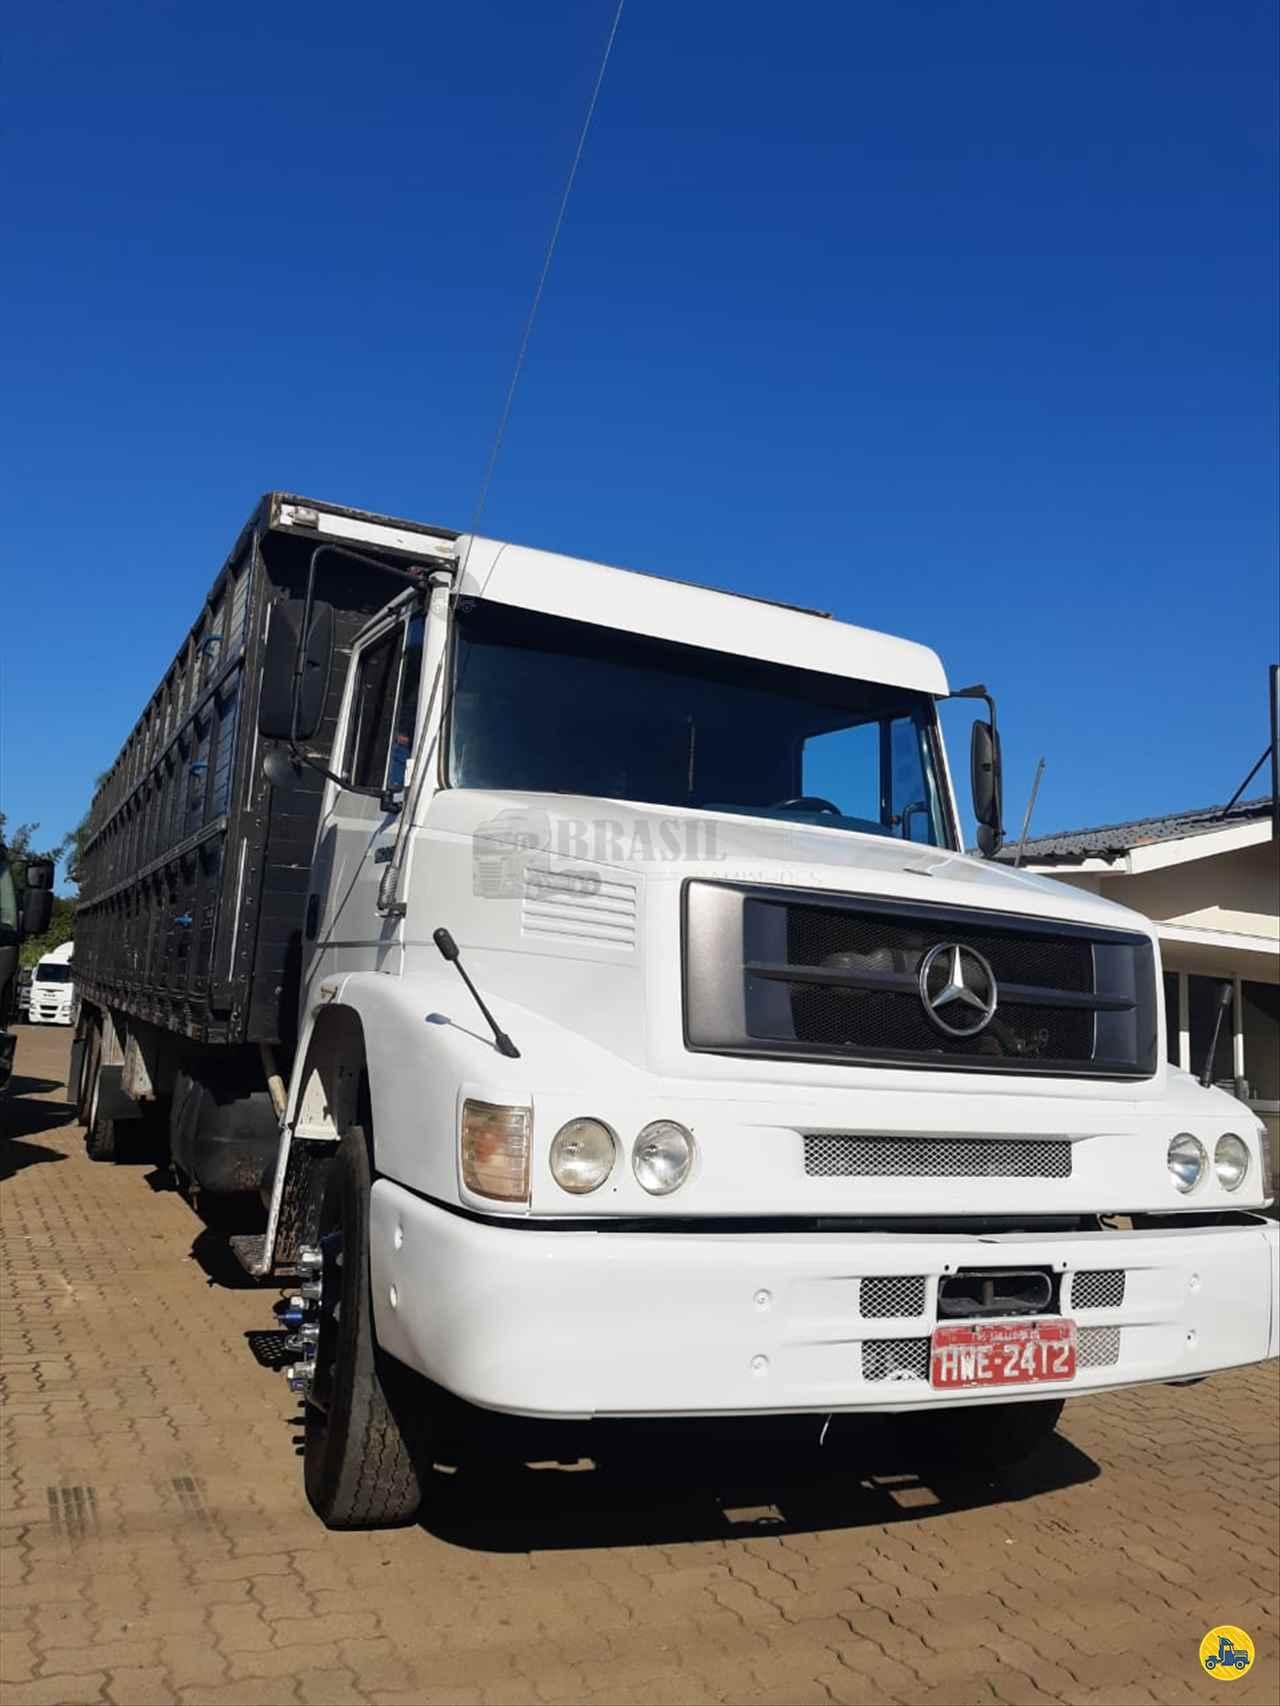 CAMINHAO MERCEDES-BENZ MB 1620 Boiadeiro Truck 6x2 Brasil Sul Caminhões PORTAO RIO GRANDE DO SUL RS